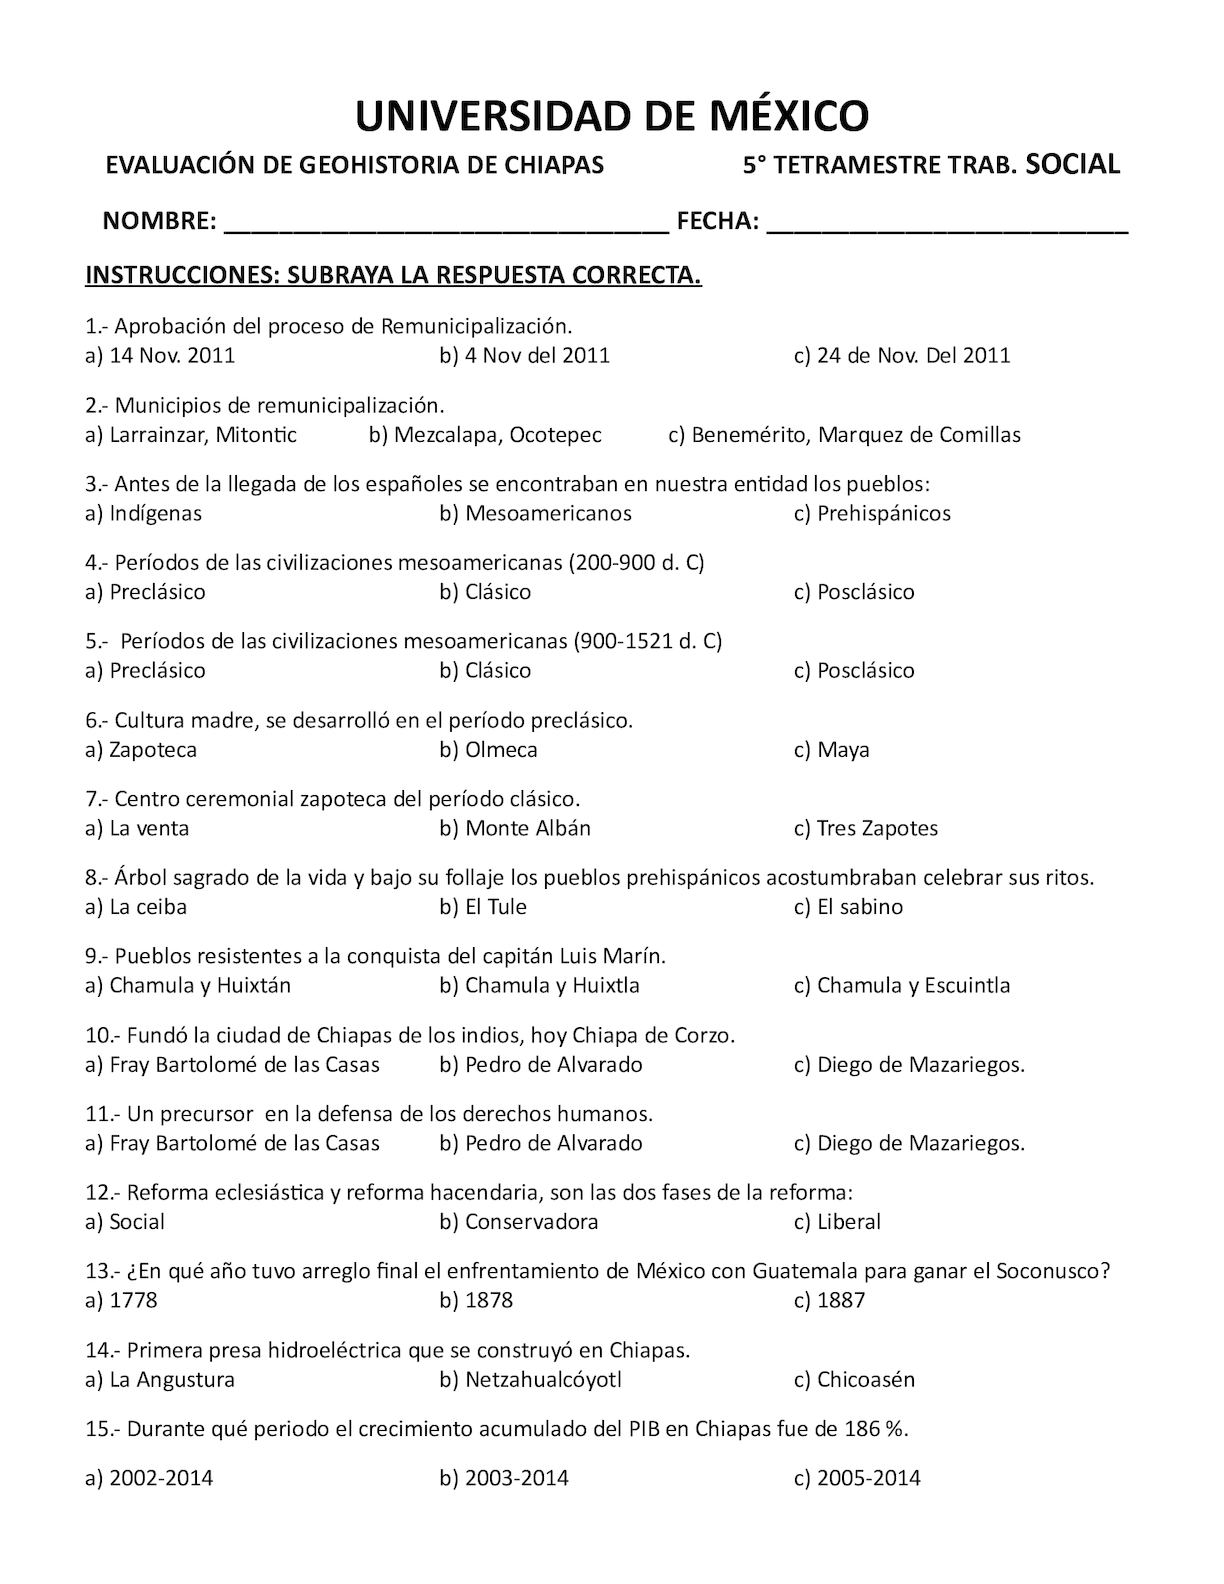 GEOHISTORIA DE CHIAPAS PDF